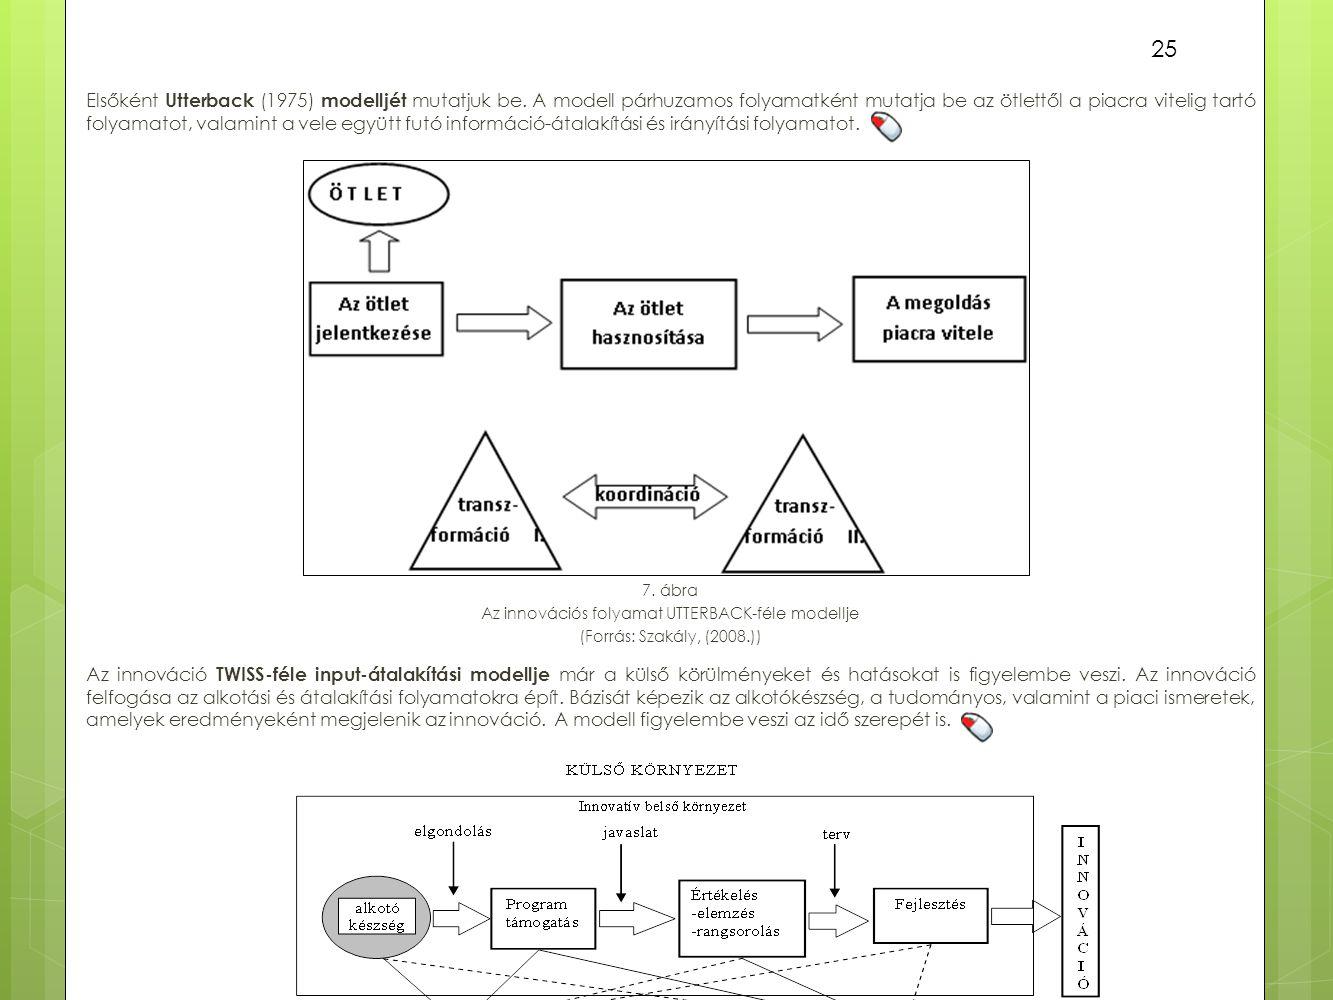 Az innovációs folyamat UTTERBACK-féle modellje